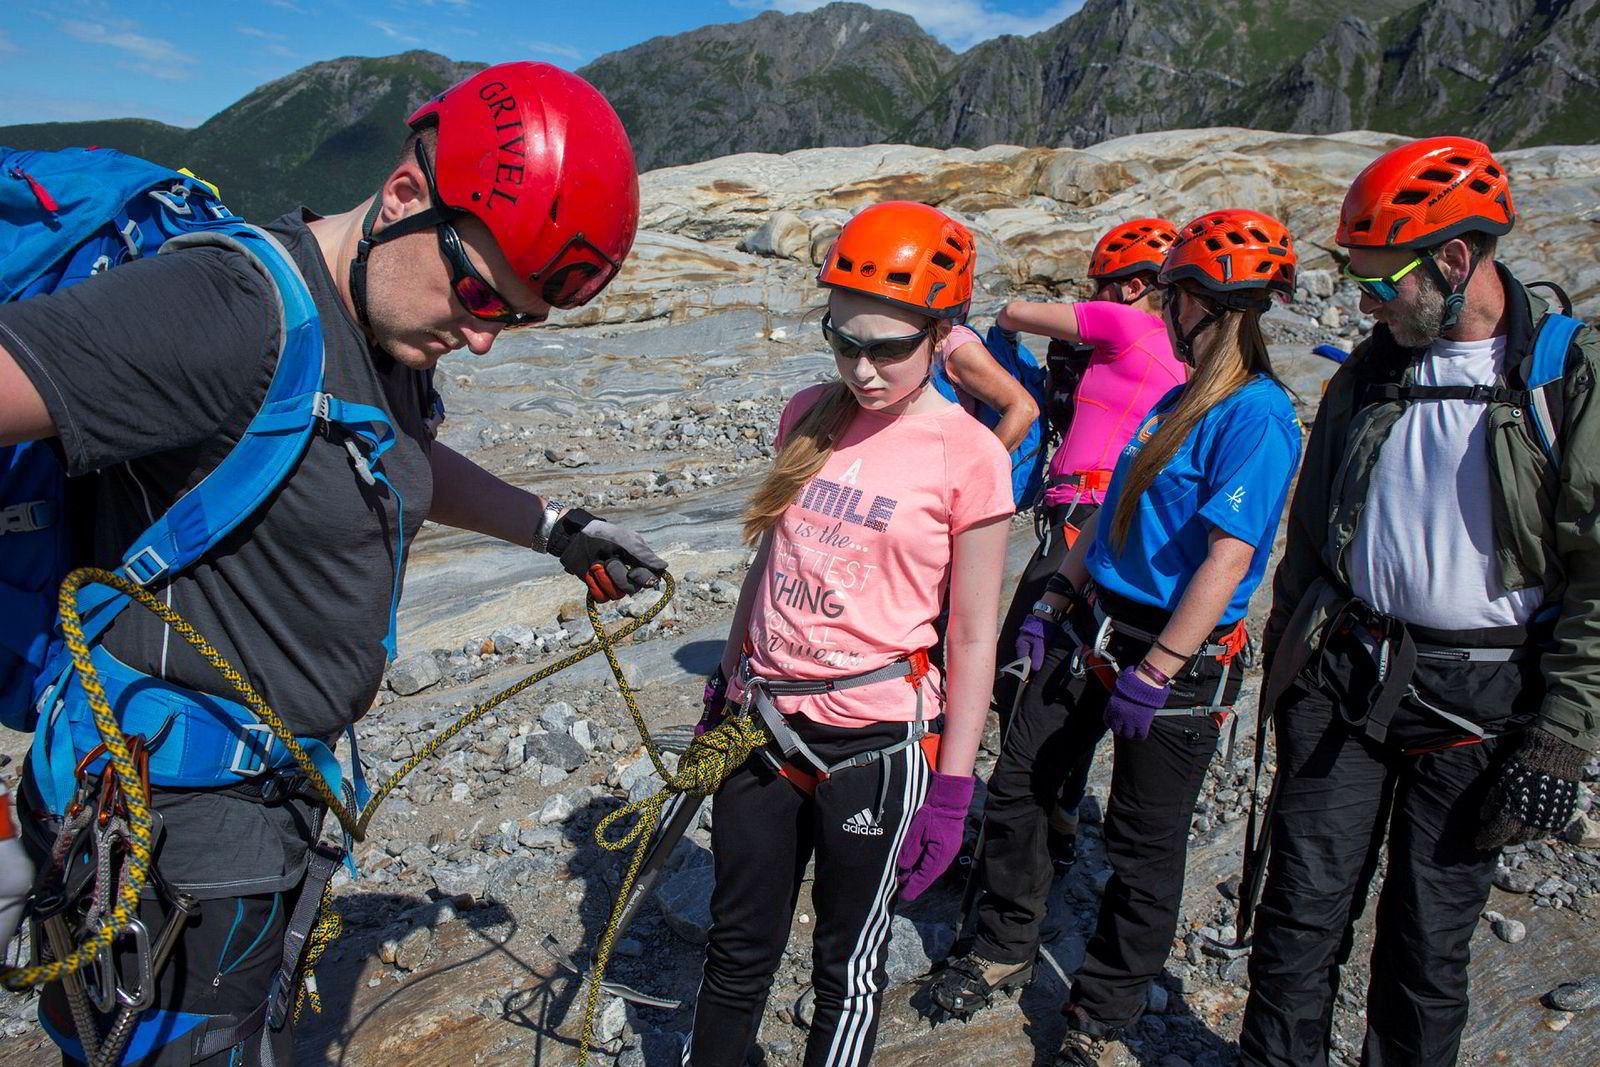 Øyvind Gjersvik fra Meløy Adventure hjelper Karen Norbotten inn i klatretauet før brevandringen starter. Bak står søstrene Birthe og Bolette mens far Rune Norbotten følger med fra siden.